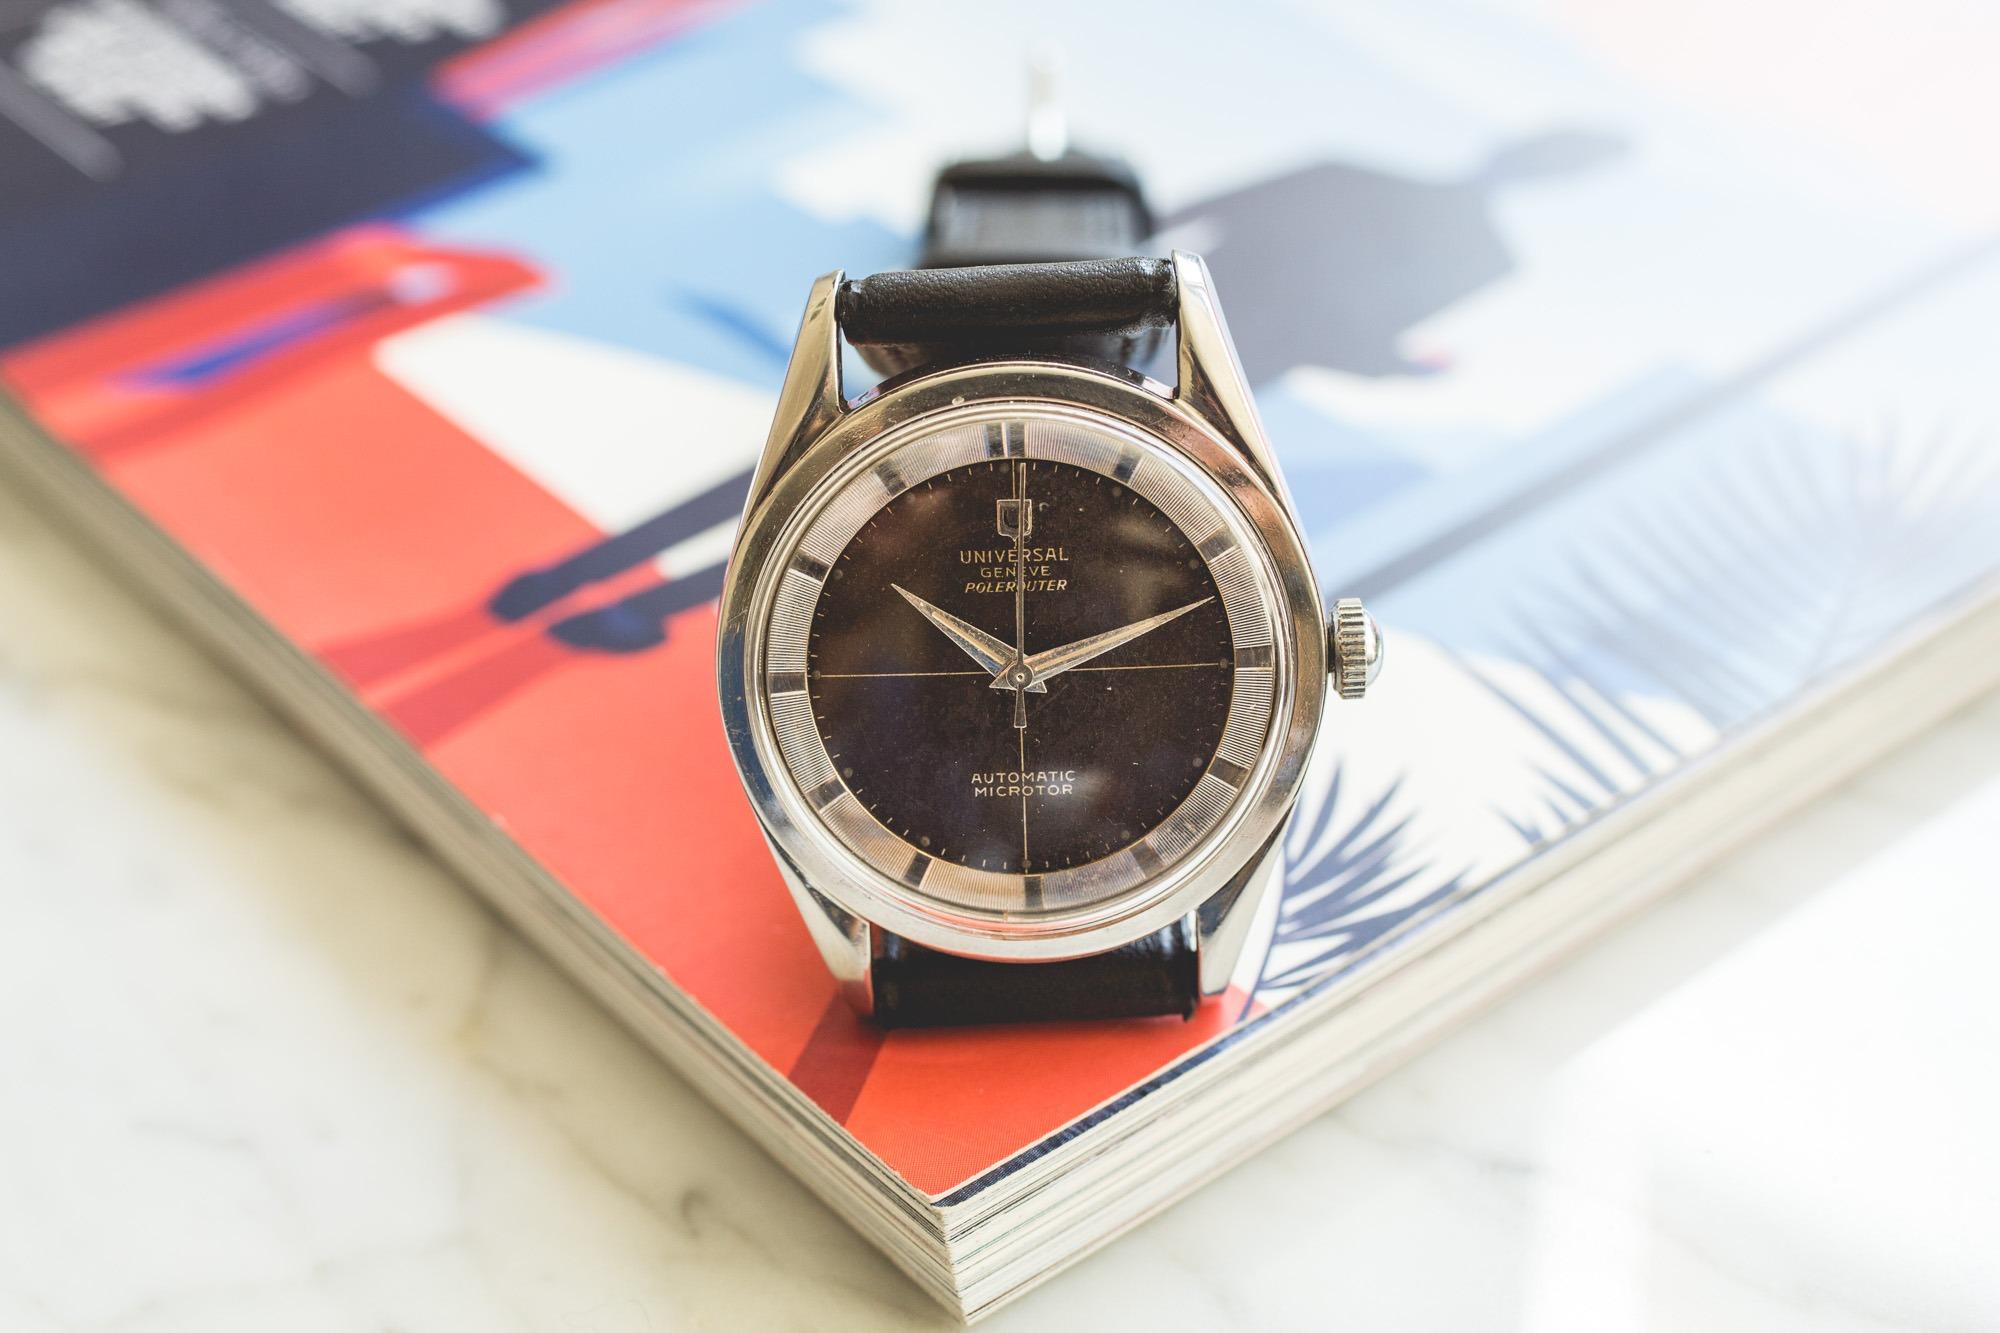 Nouvelles montres vintage Joseph Bonnie - Universal Genève Polerouter